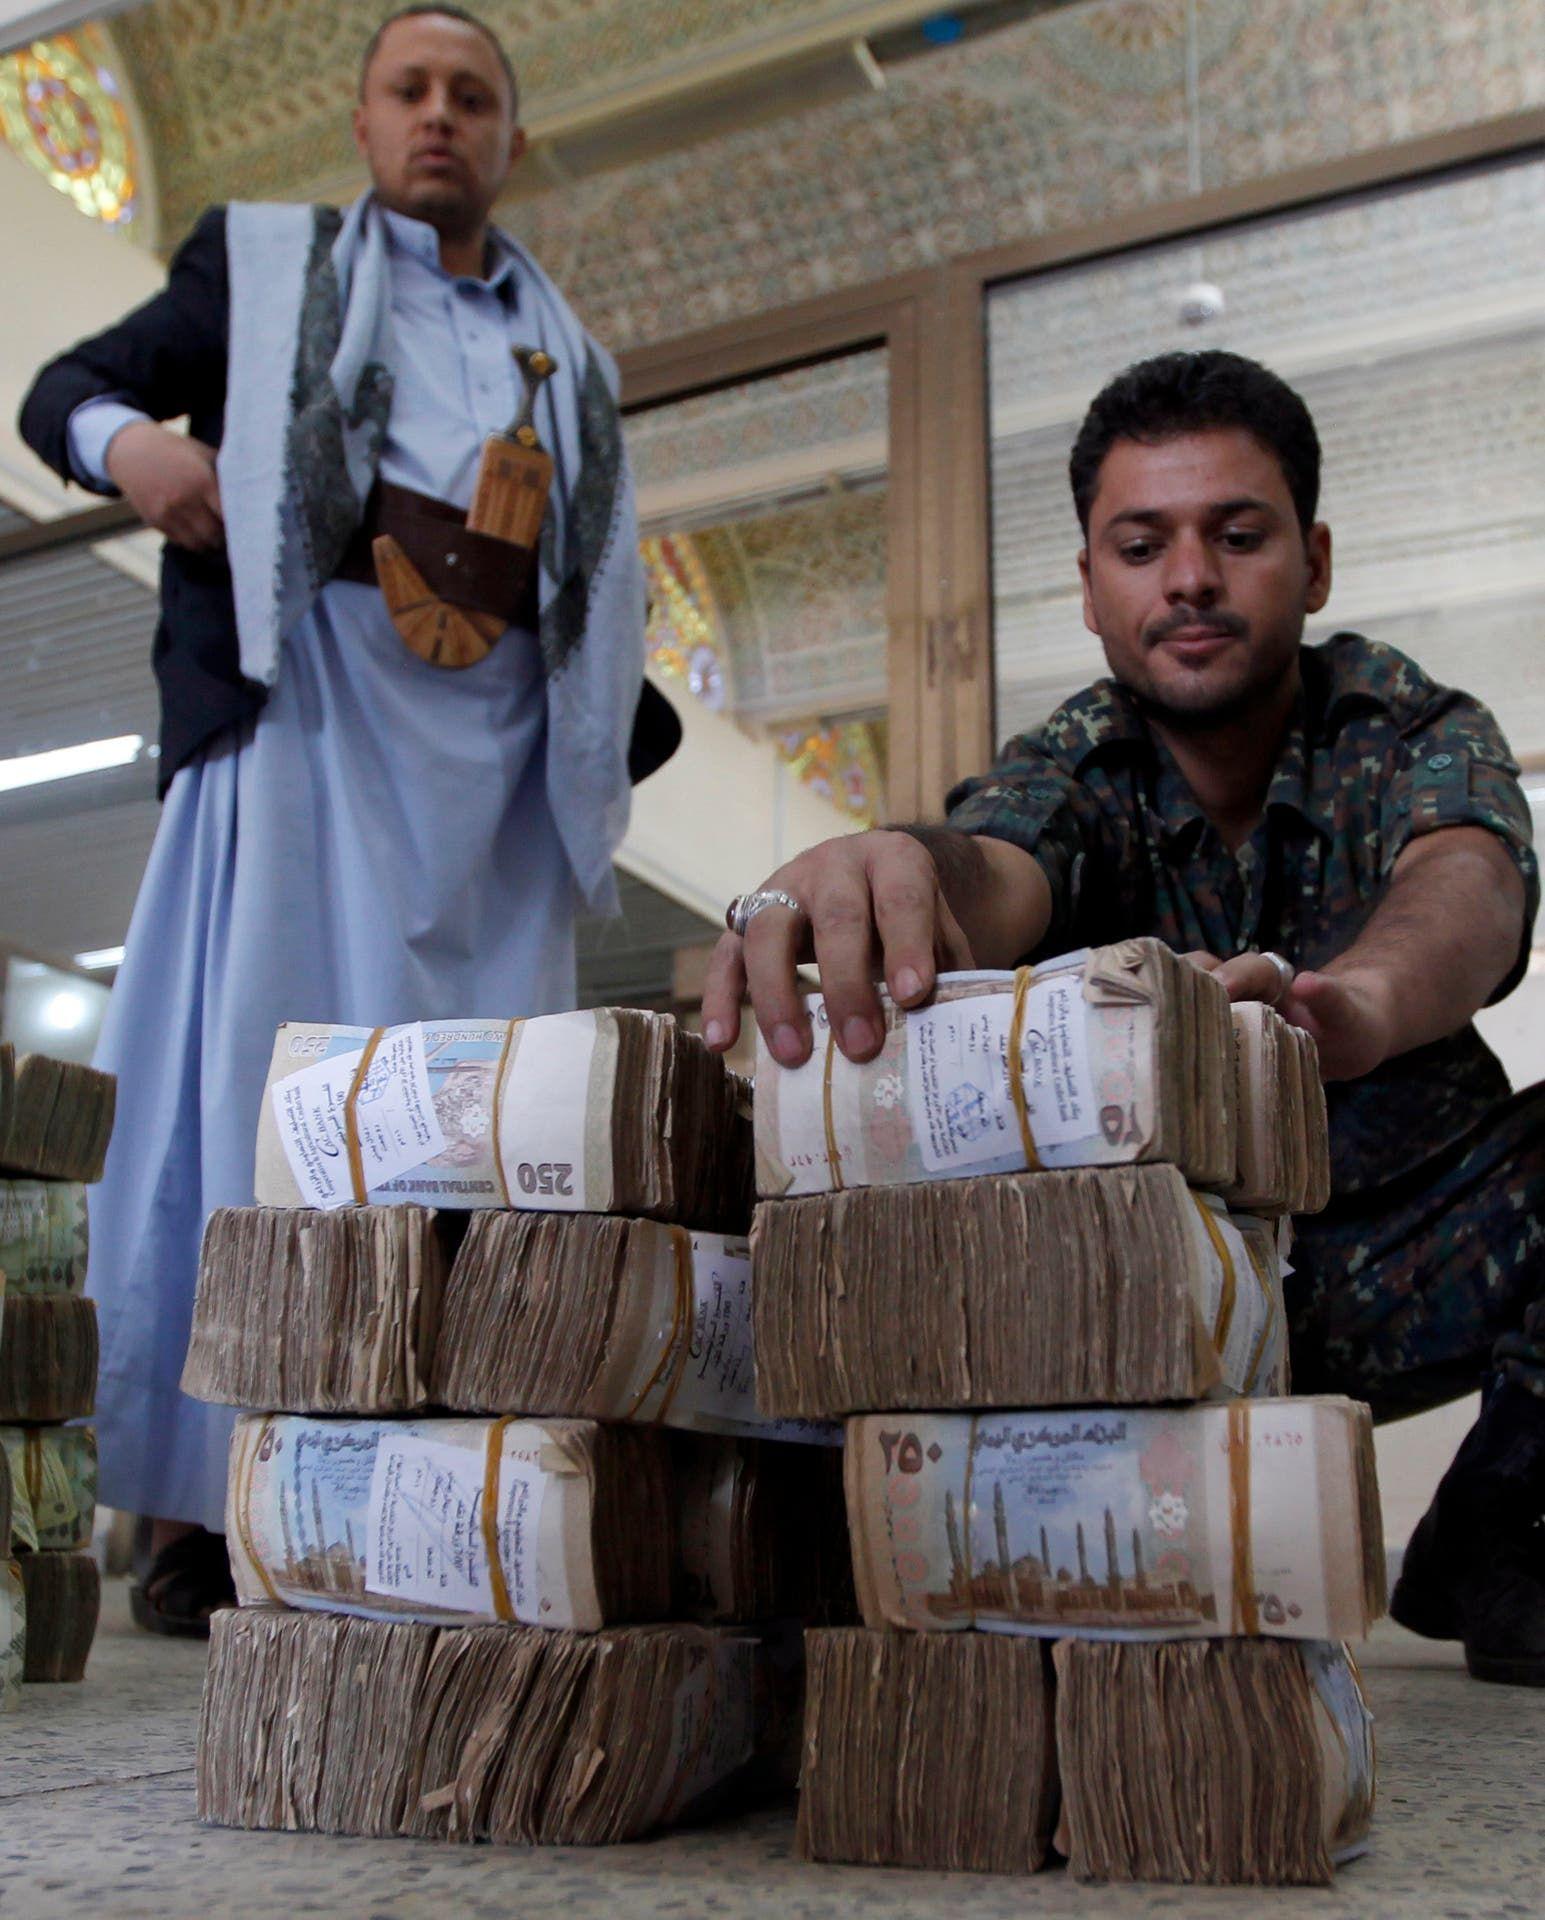 عناصر من الحوثيين يقفون أمام رزم من الريال اليمني